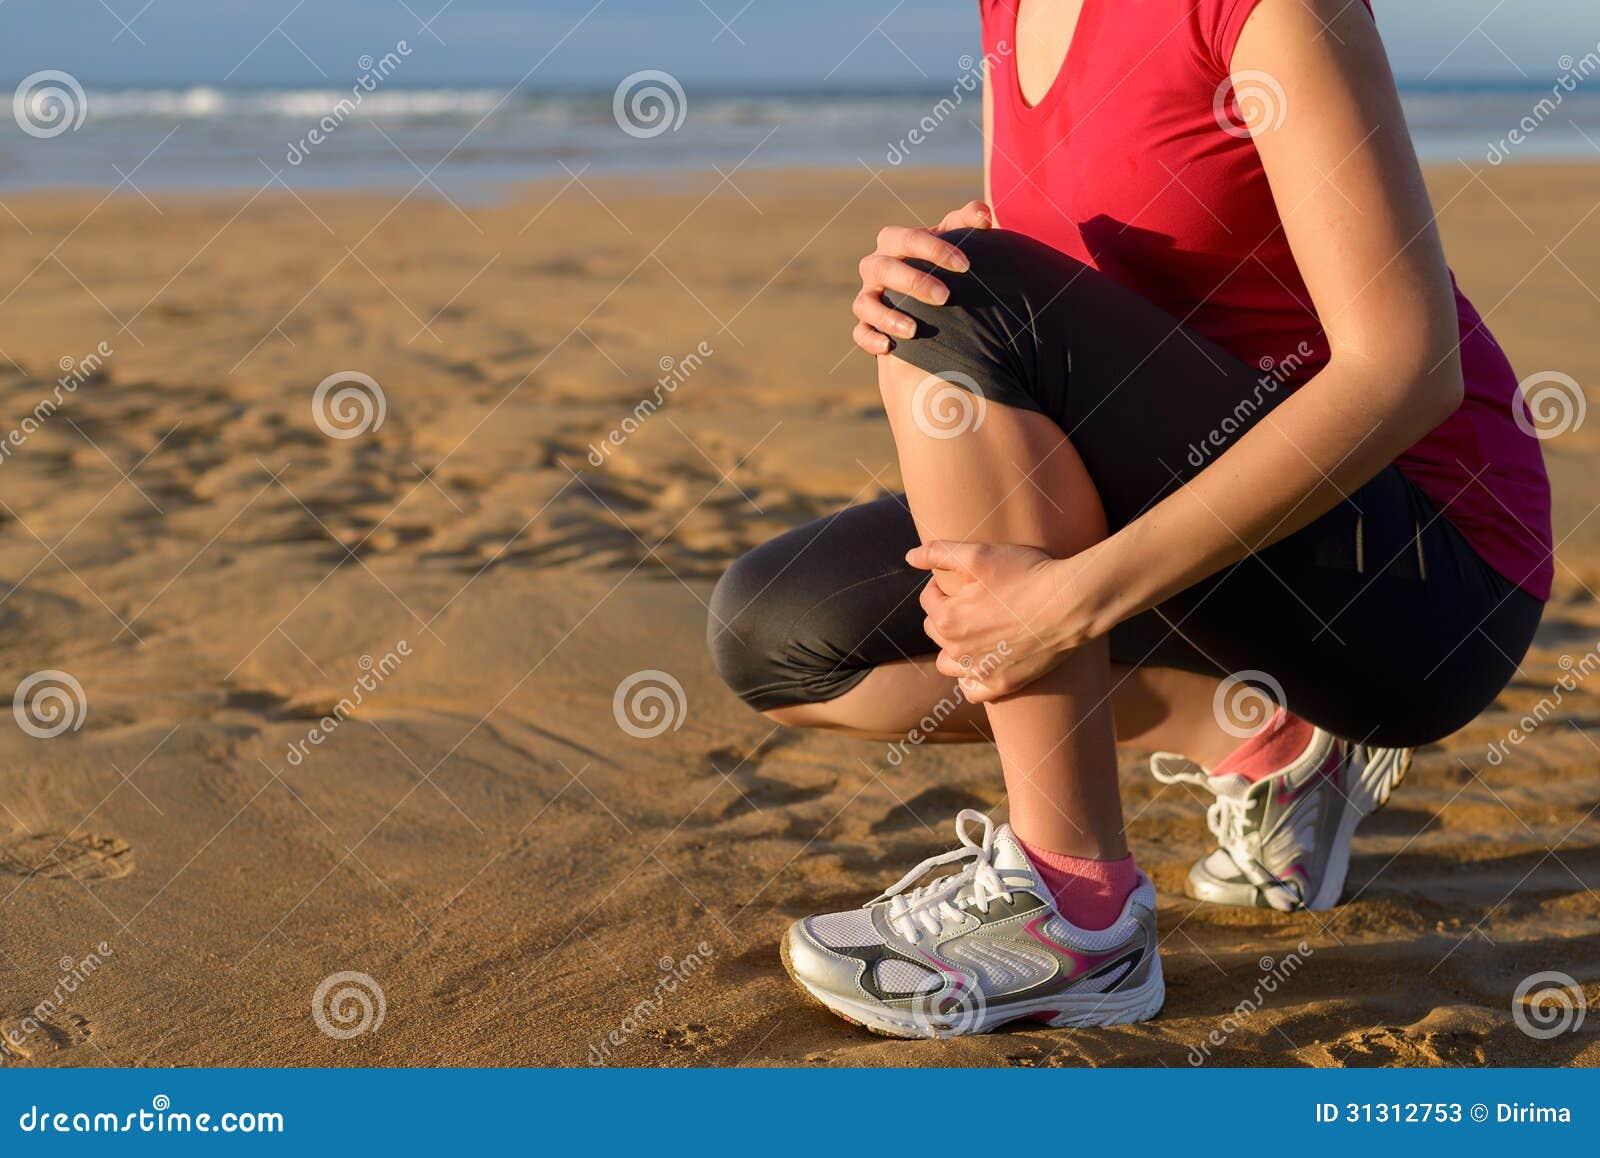 Tablilla de espinilla de lesión del corredor